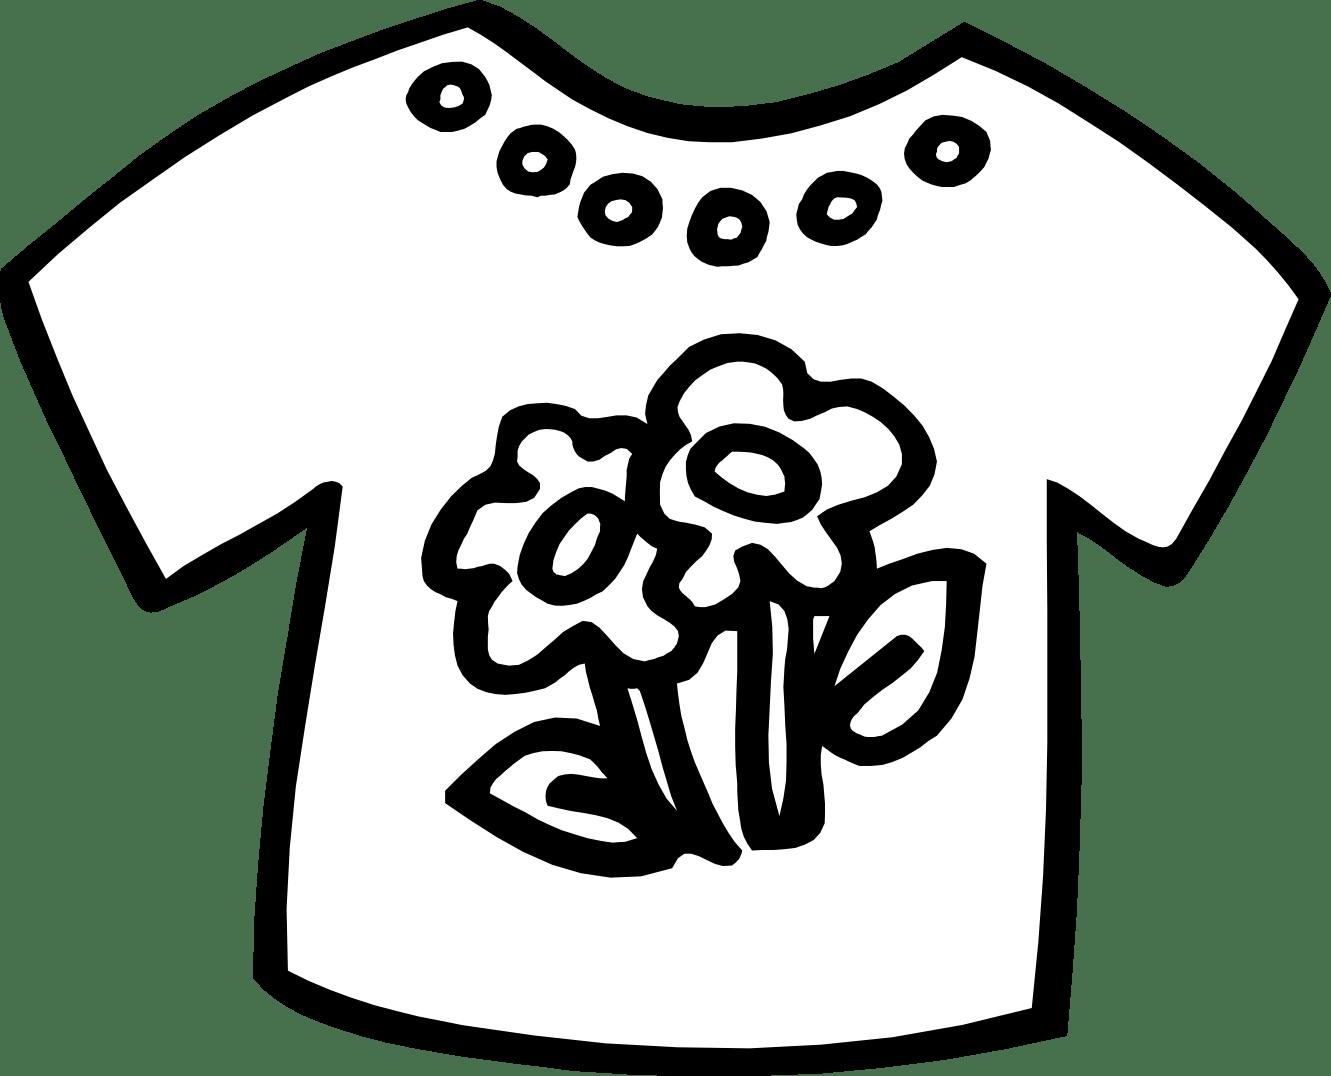 Clipart Summer Shirt Clipart Summer Shirt Transparent